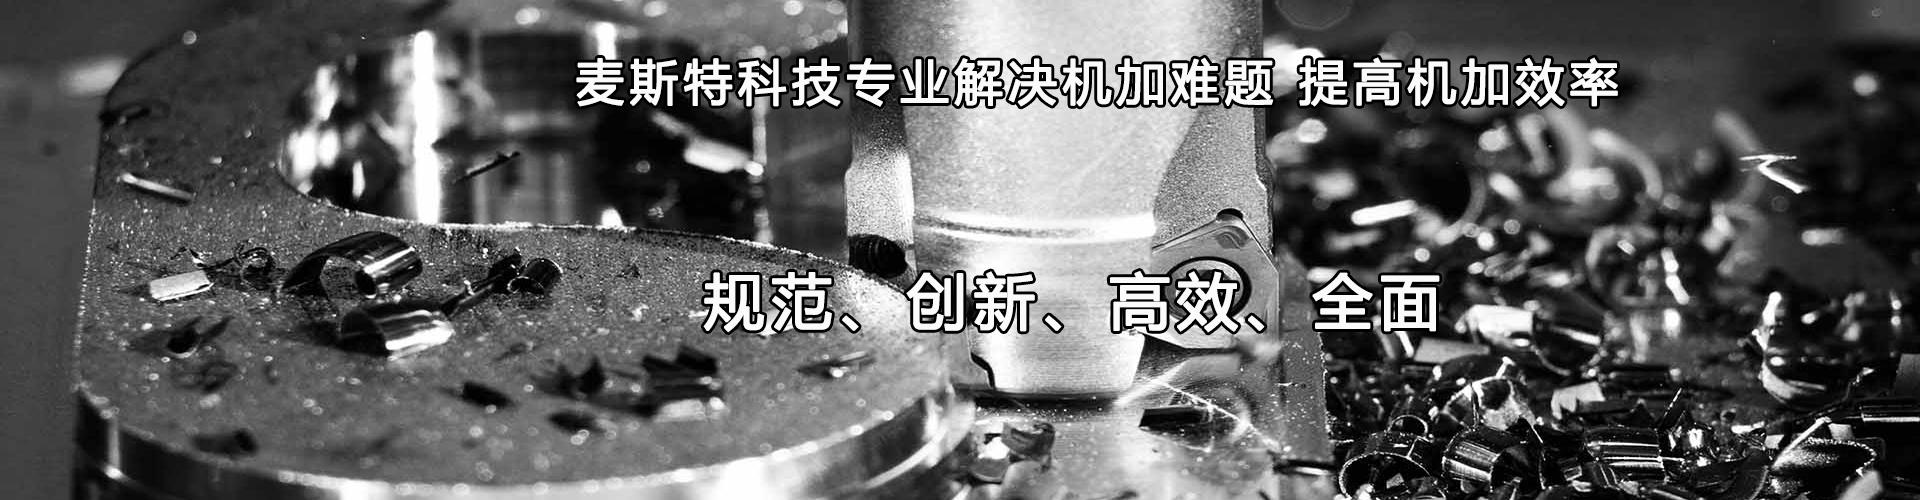 数控加工机械加工机加工